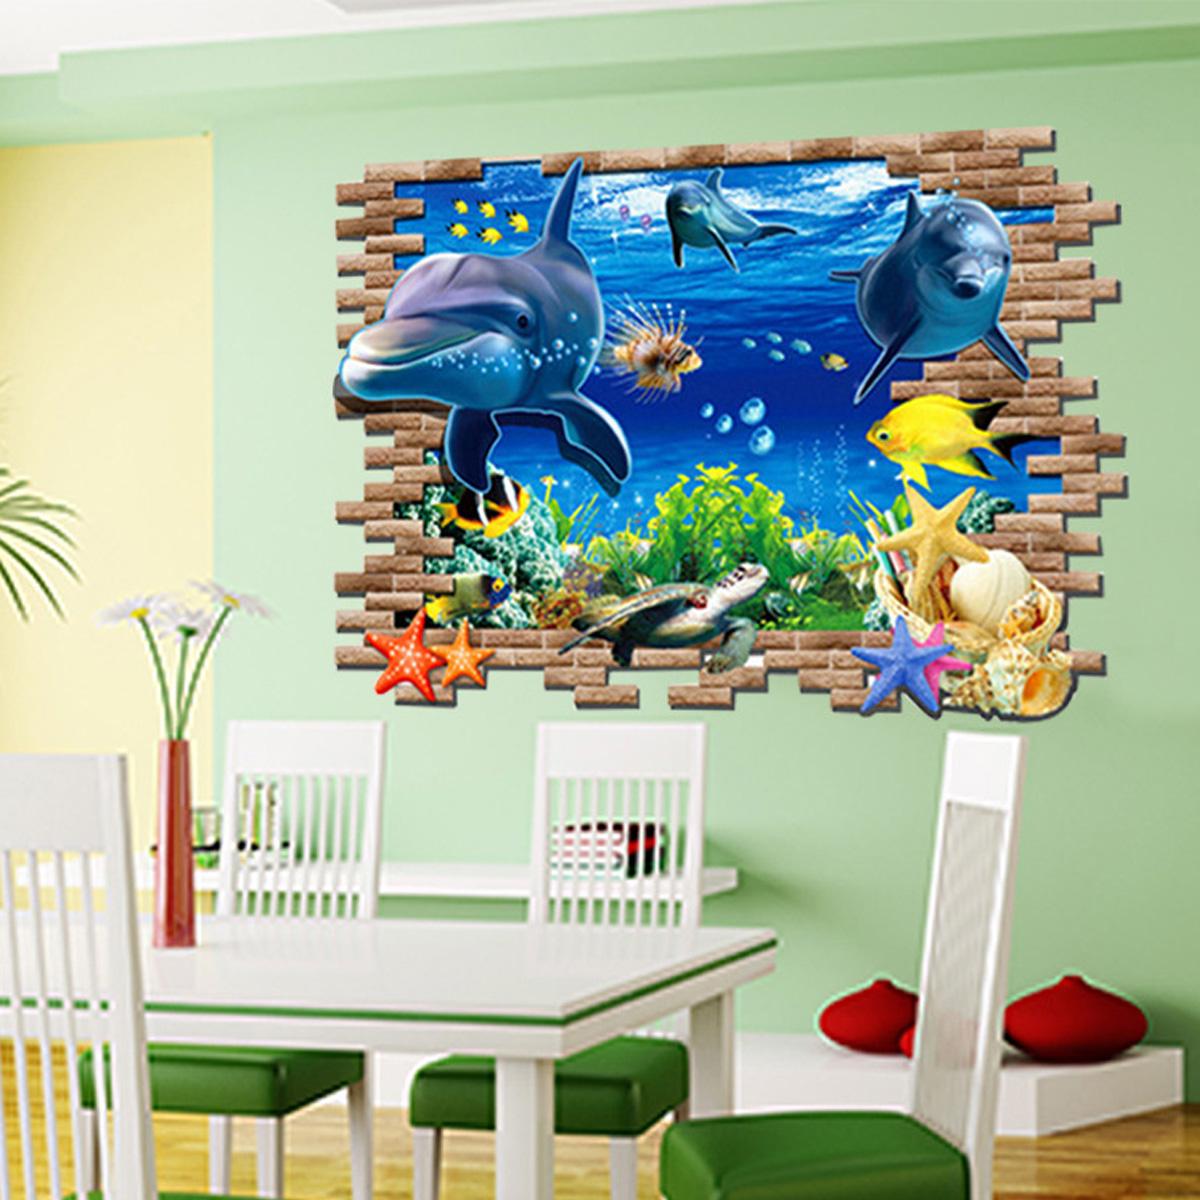 Wandtattoo fisch delfine ozean meer wanddekoration vinyl aufkleber kinderzimmer ebay - Wanddekoration kinderzimmer ...